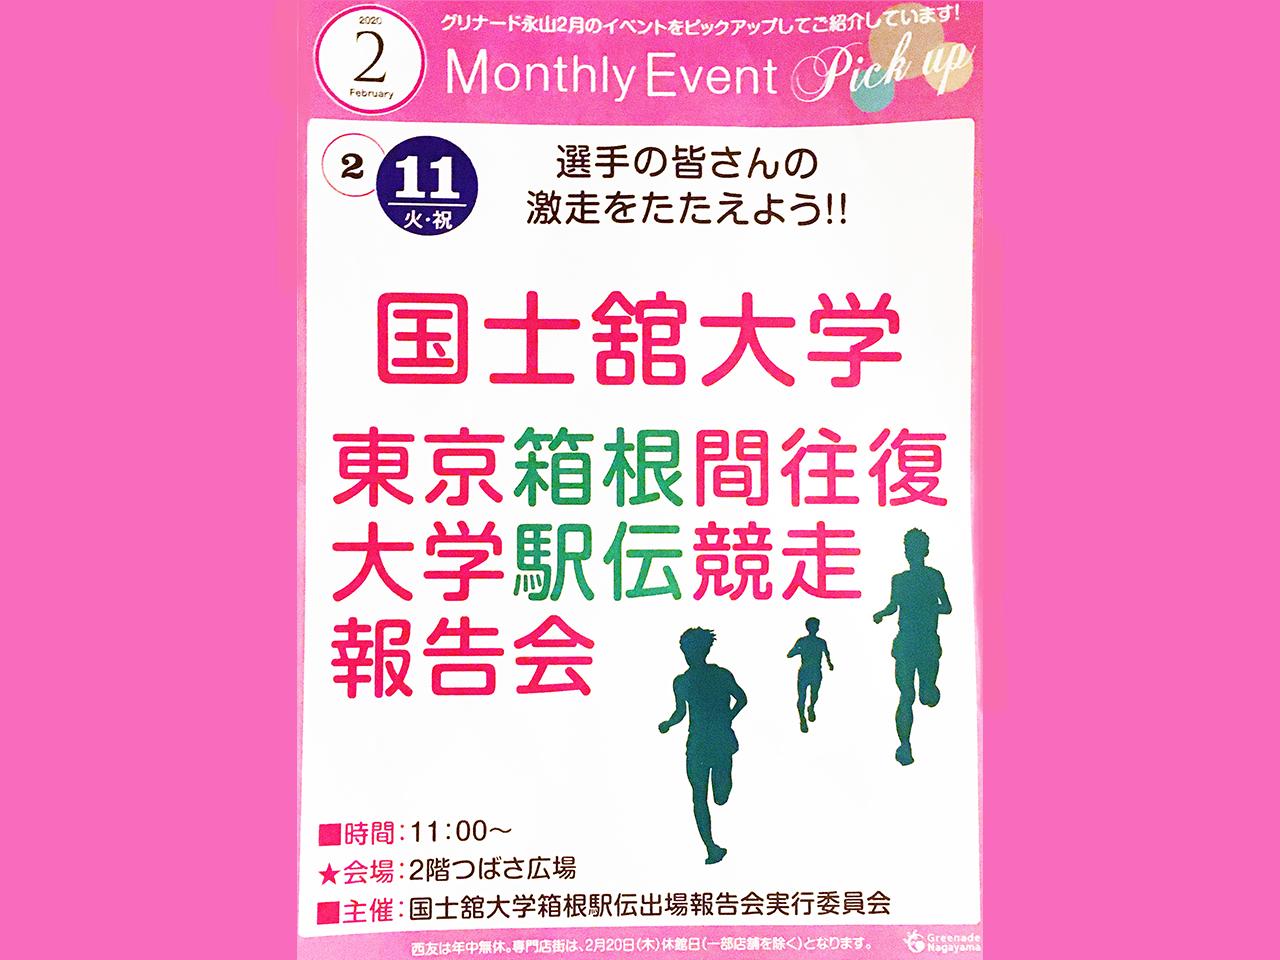 国士舘による箱根駅伝報告会